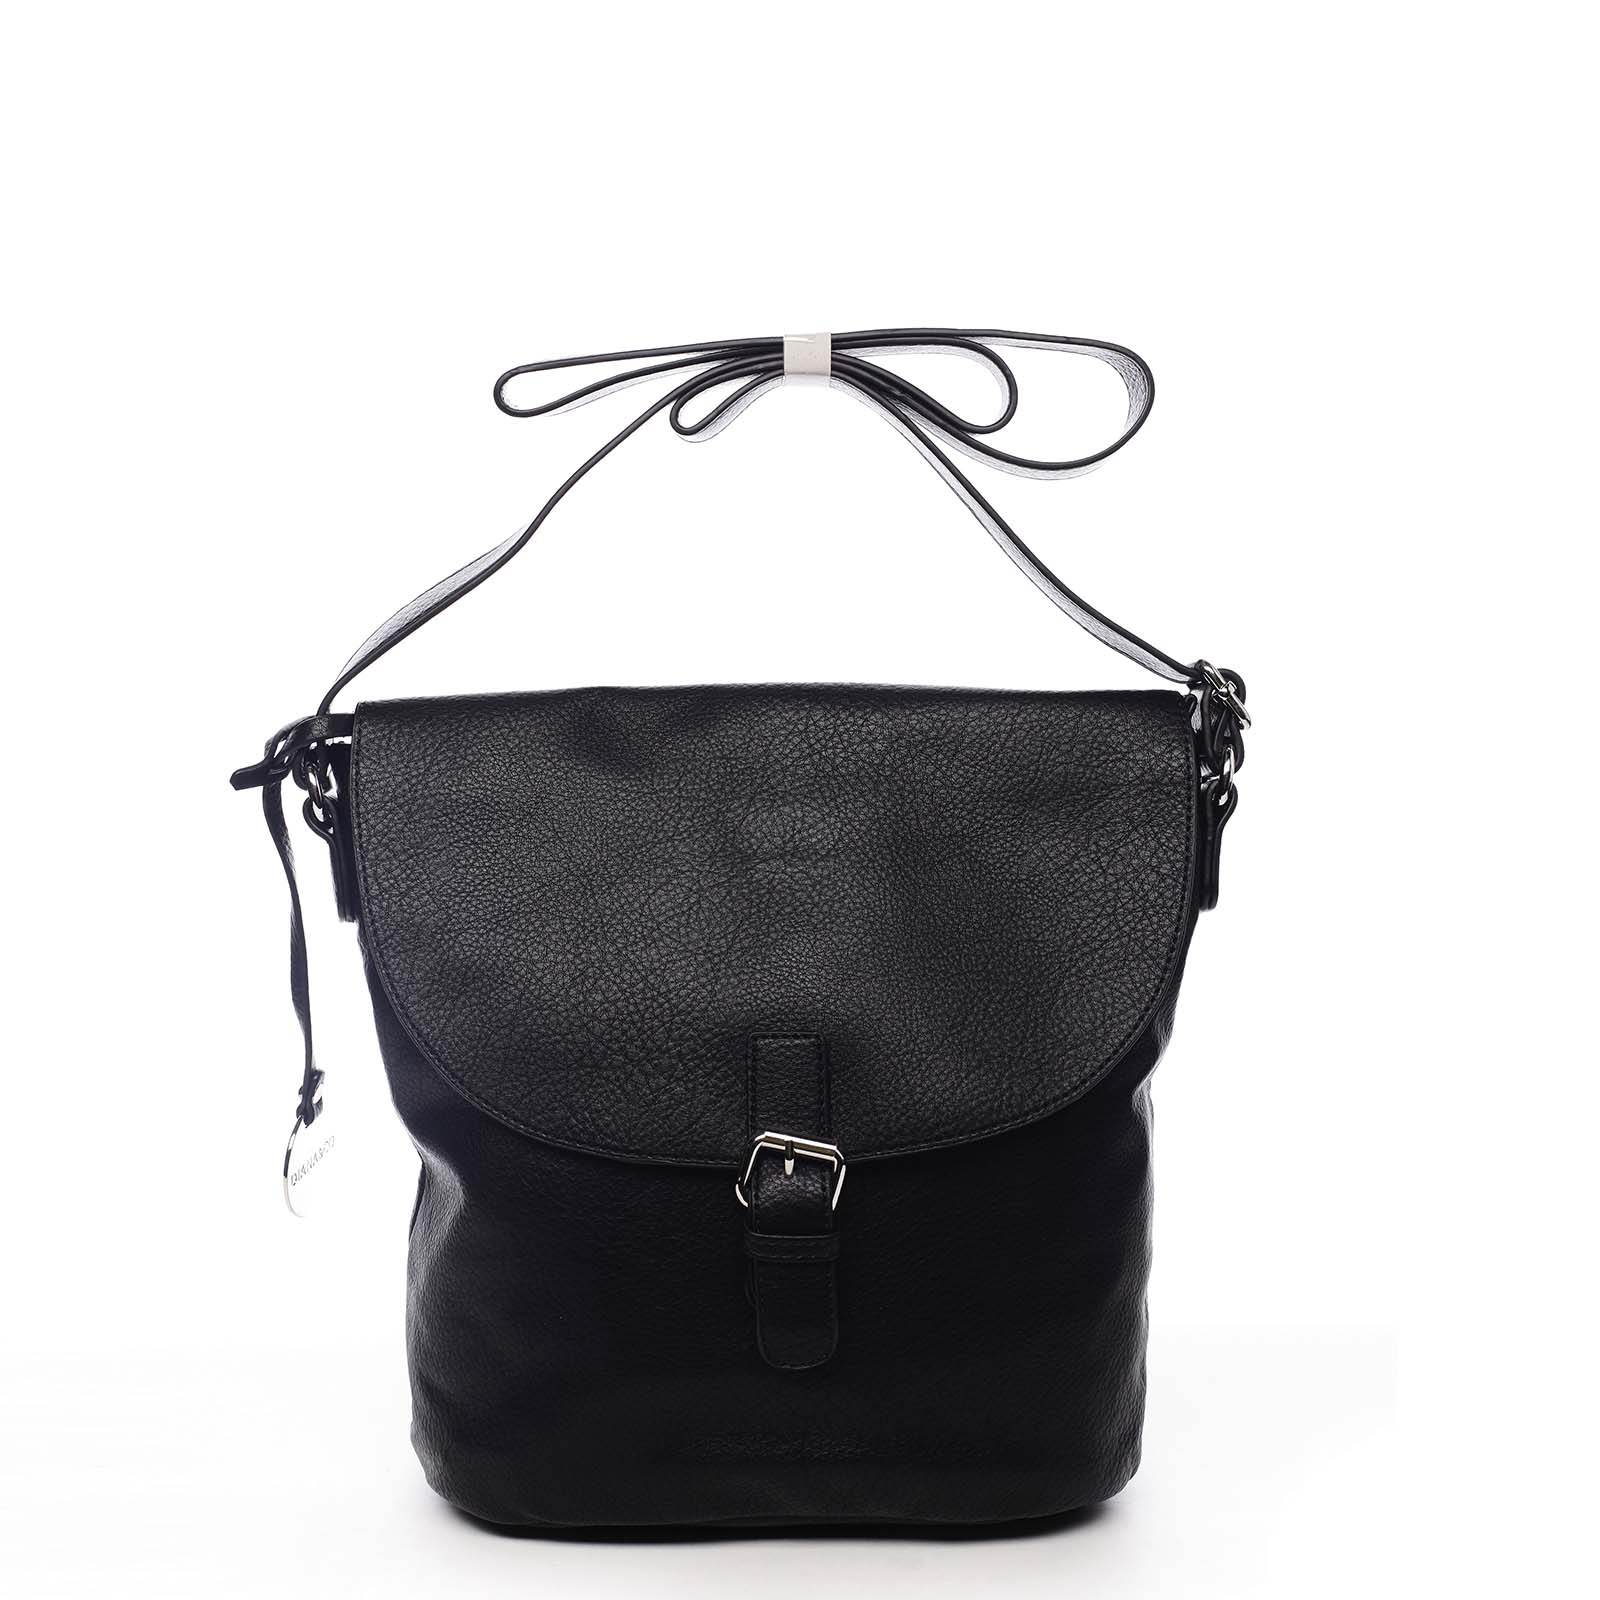 Dámská kabelka přes rameno černá - DIANA & CO Leilla černá